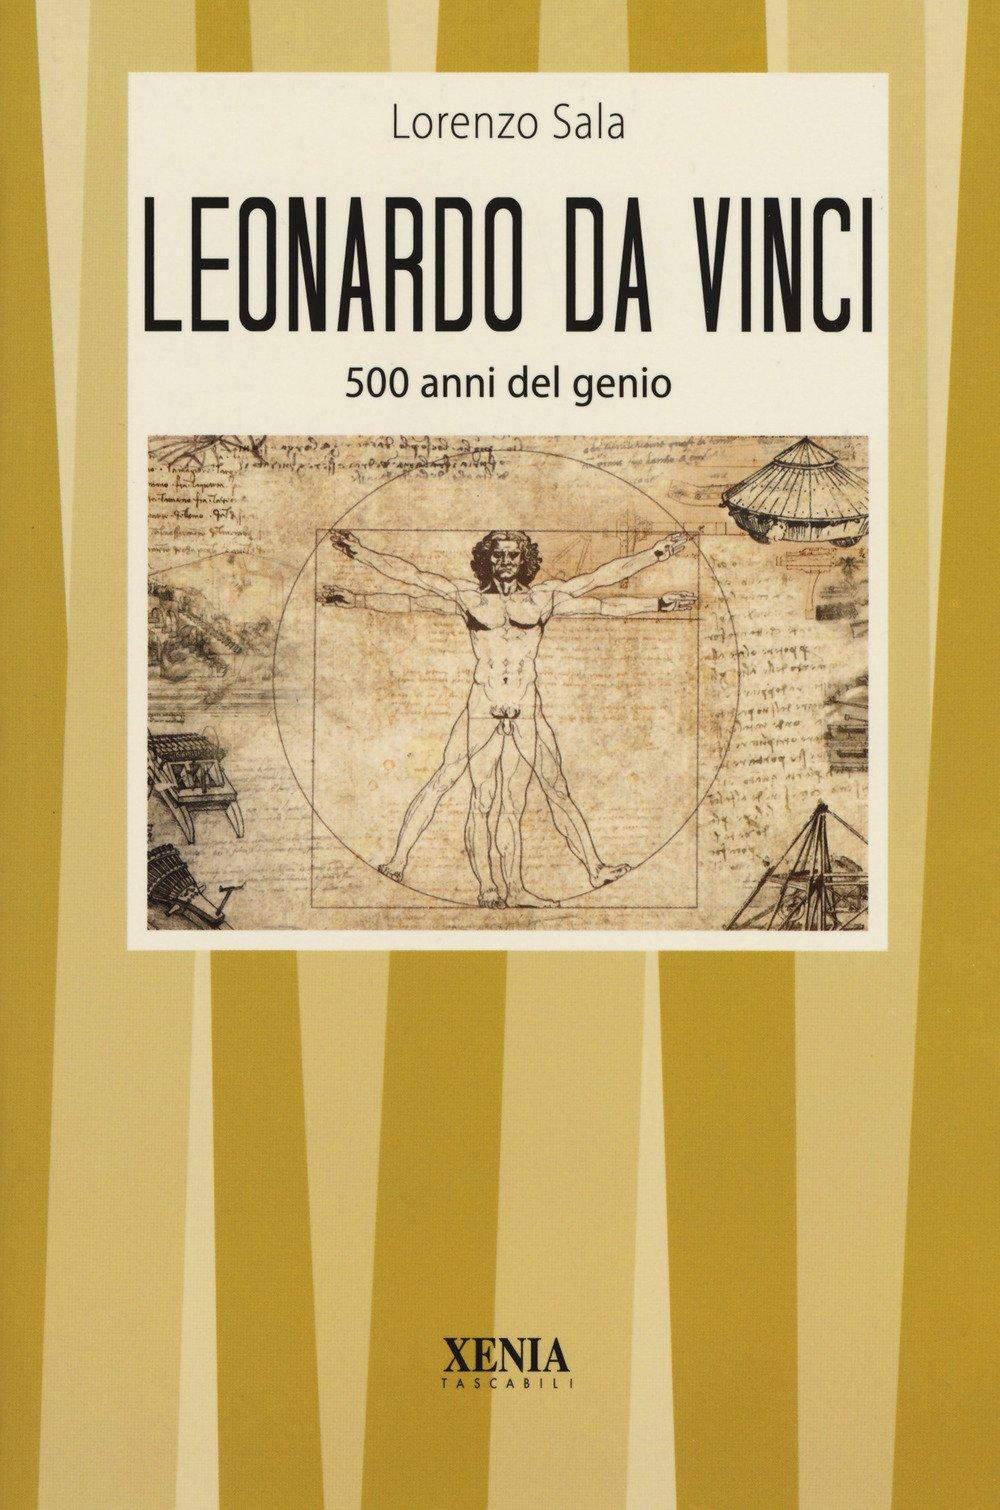 Leonardo da Vinci. 500 anni del genio